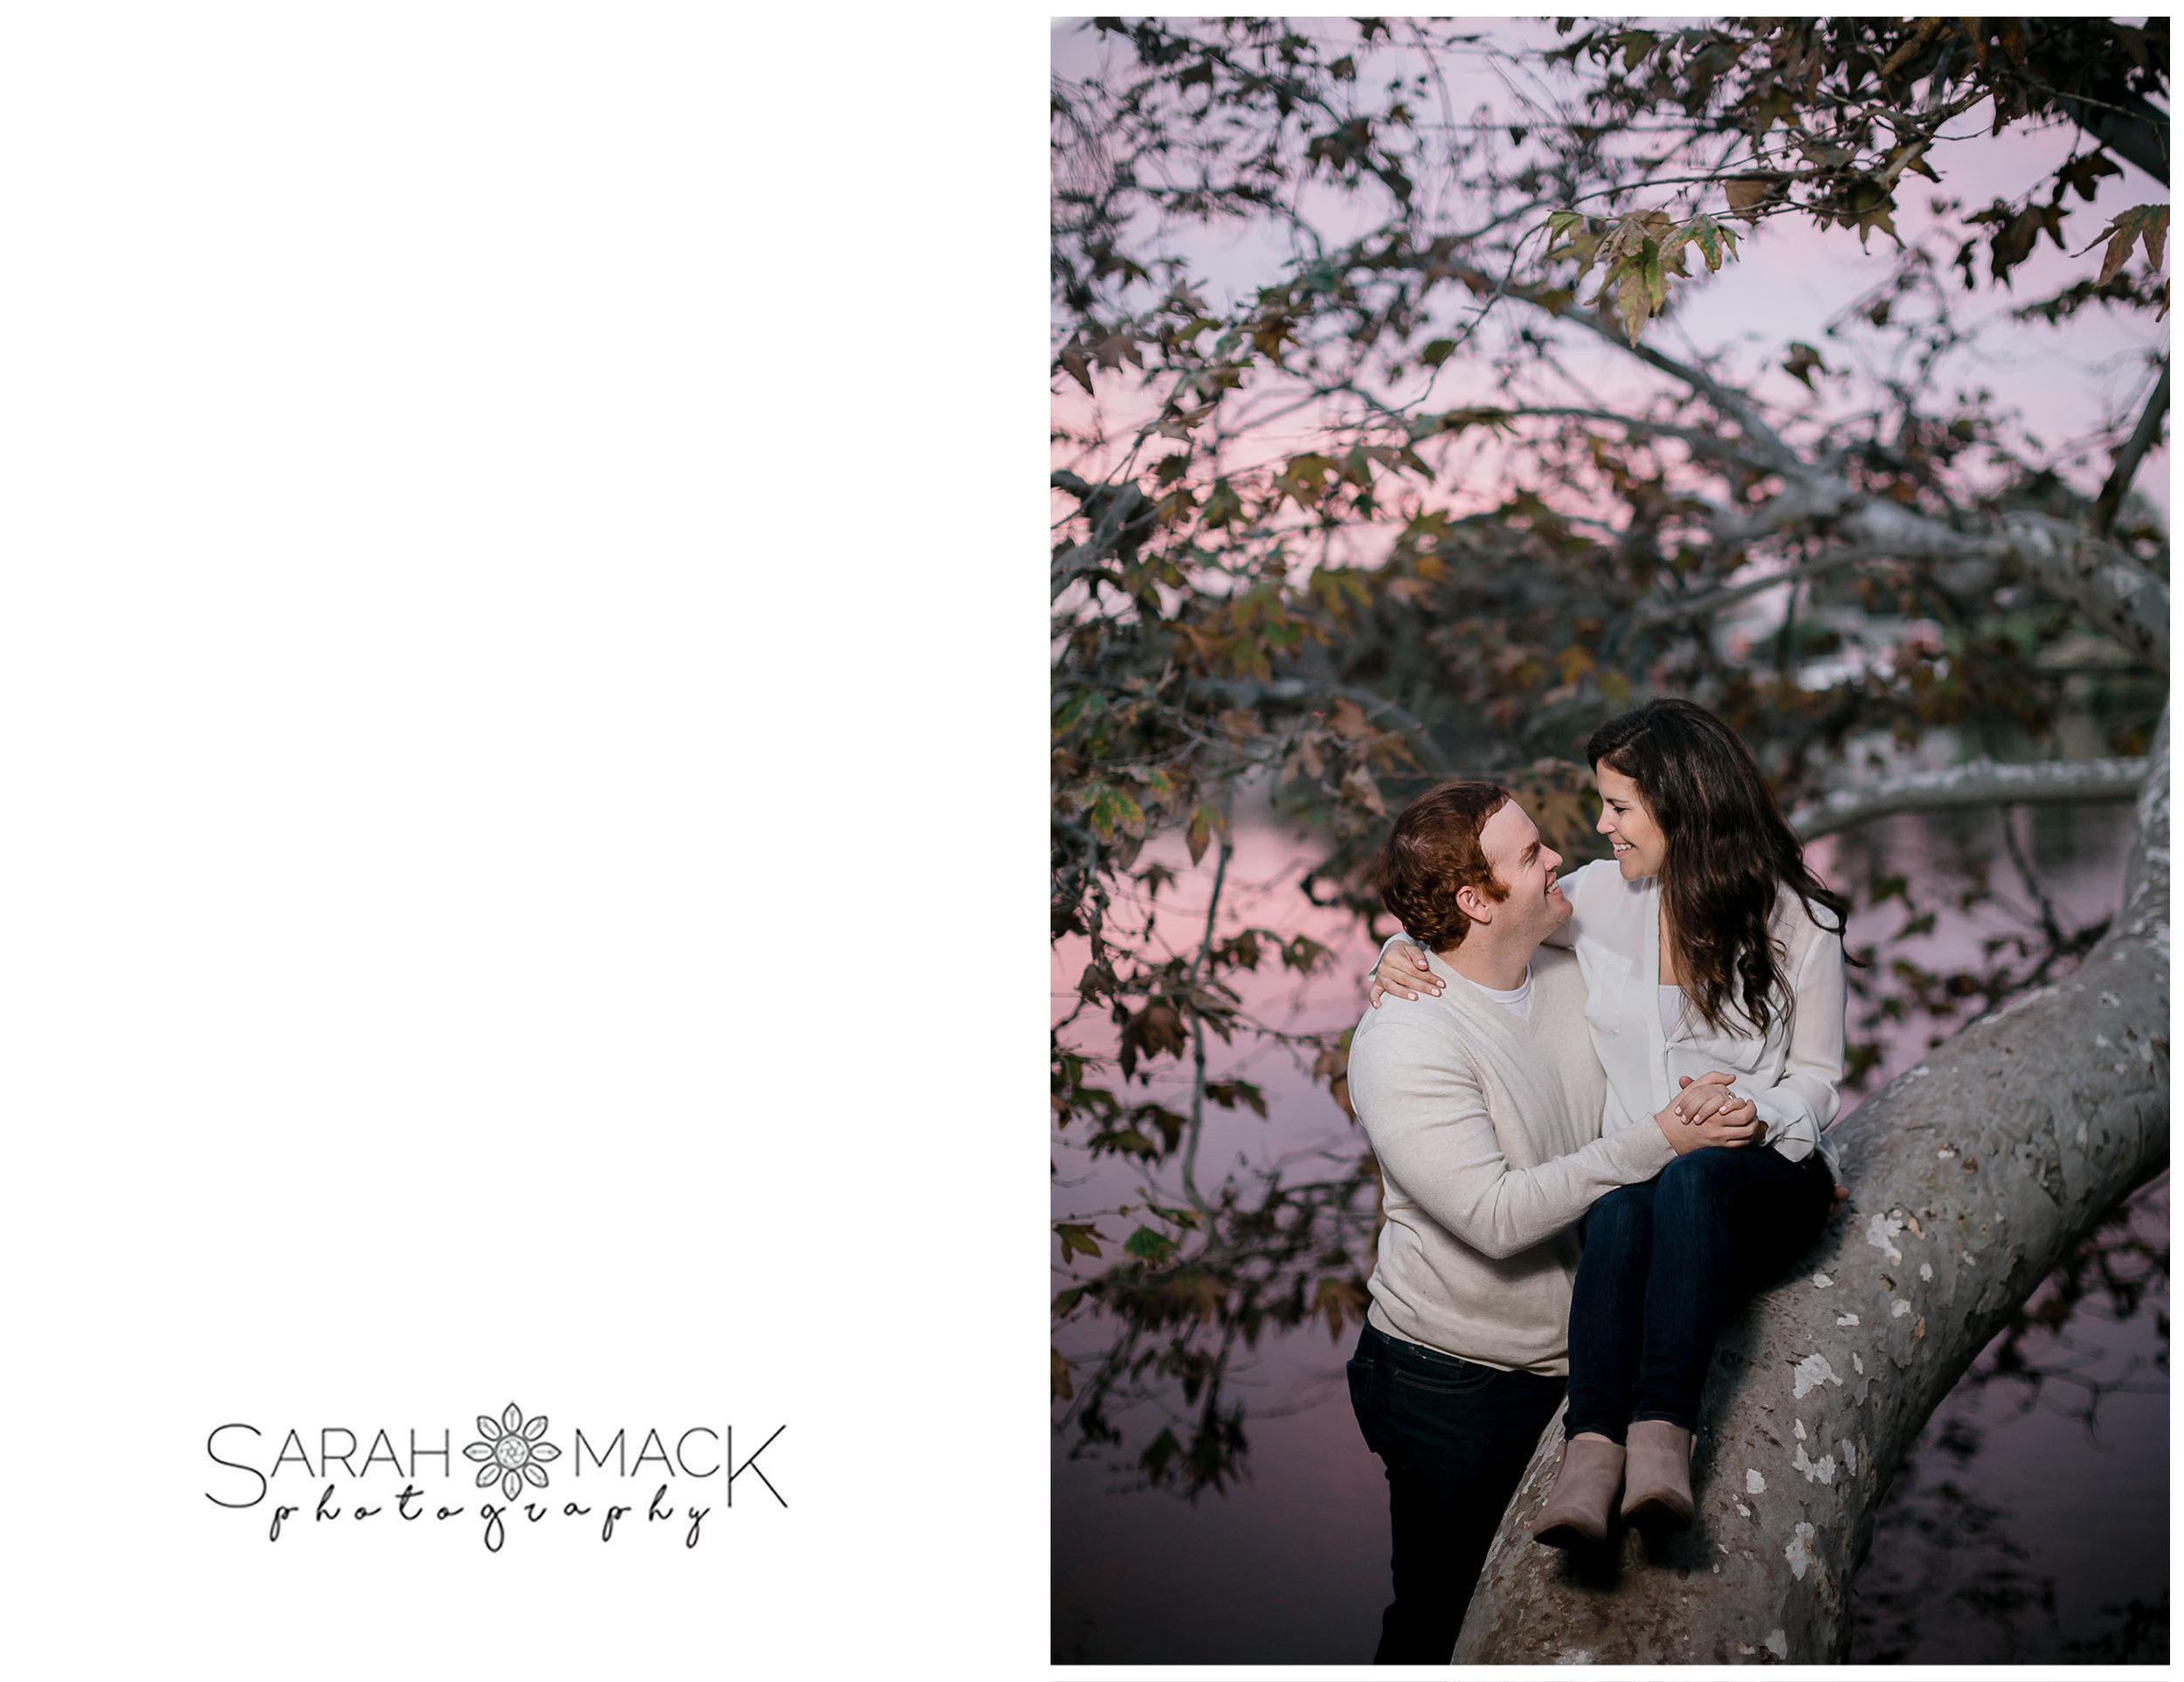 AM-Huntington-Beach-Central-Park-Engagement-Photography-17.jpg